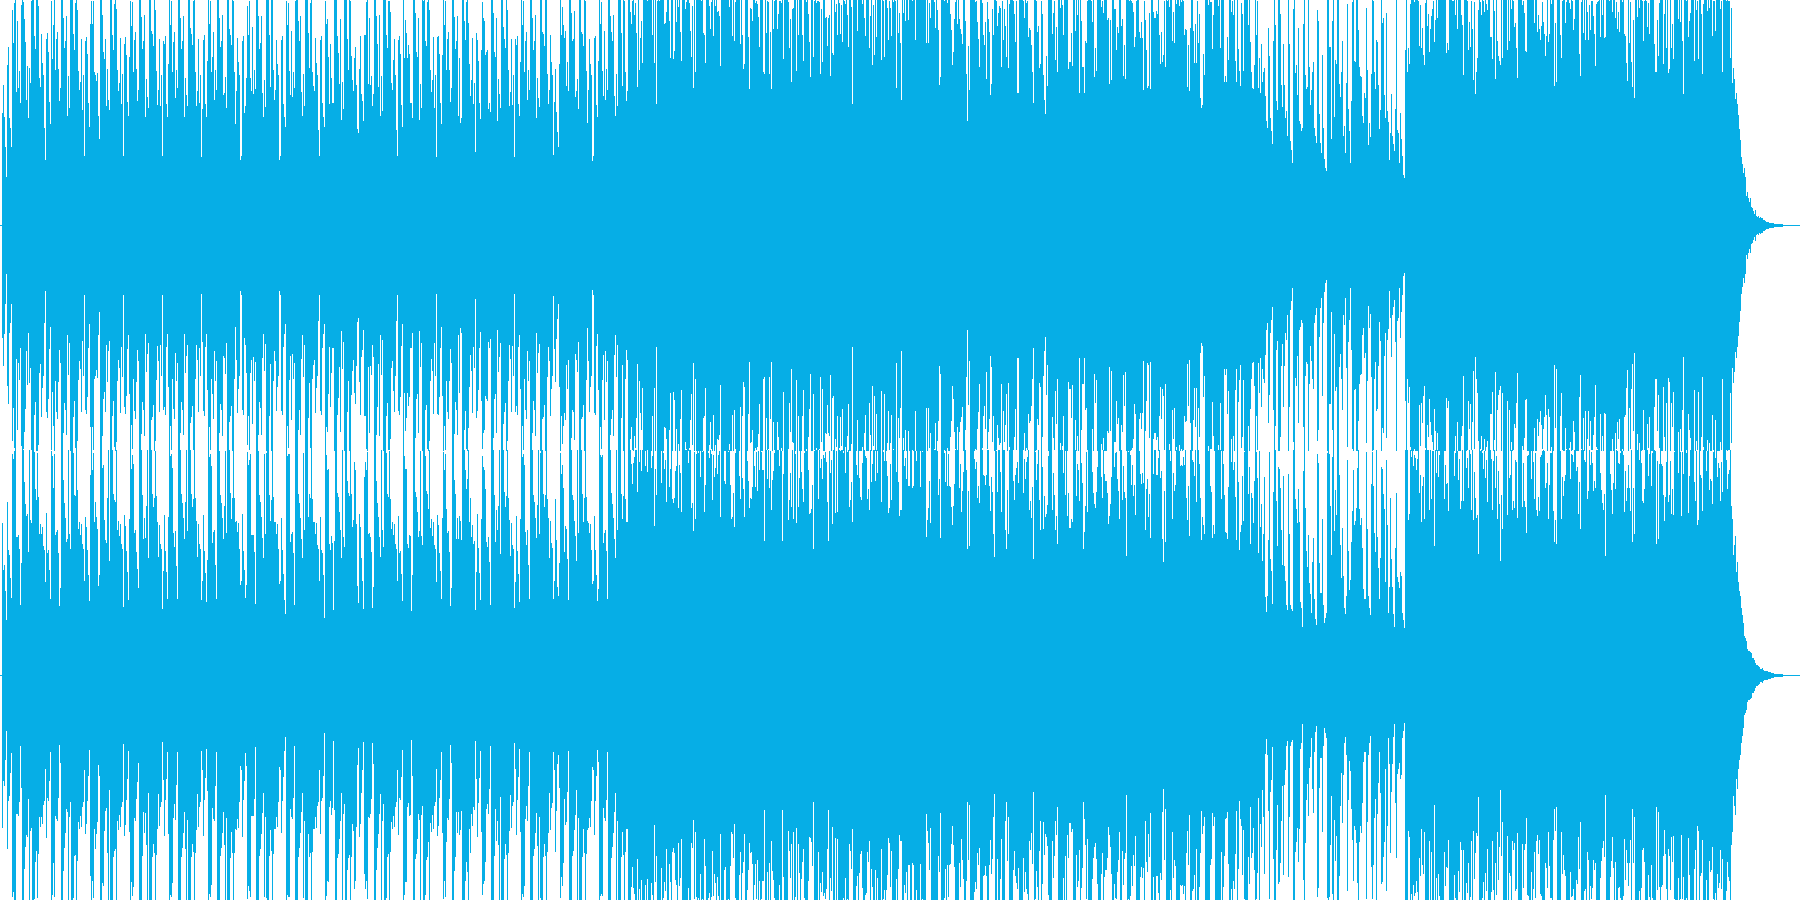 太鼓を使用したBGMです。の再生済みの波形